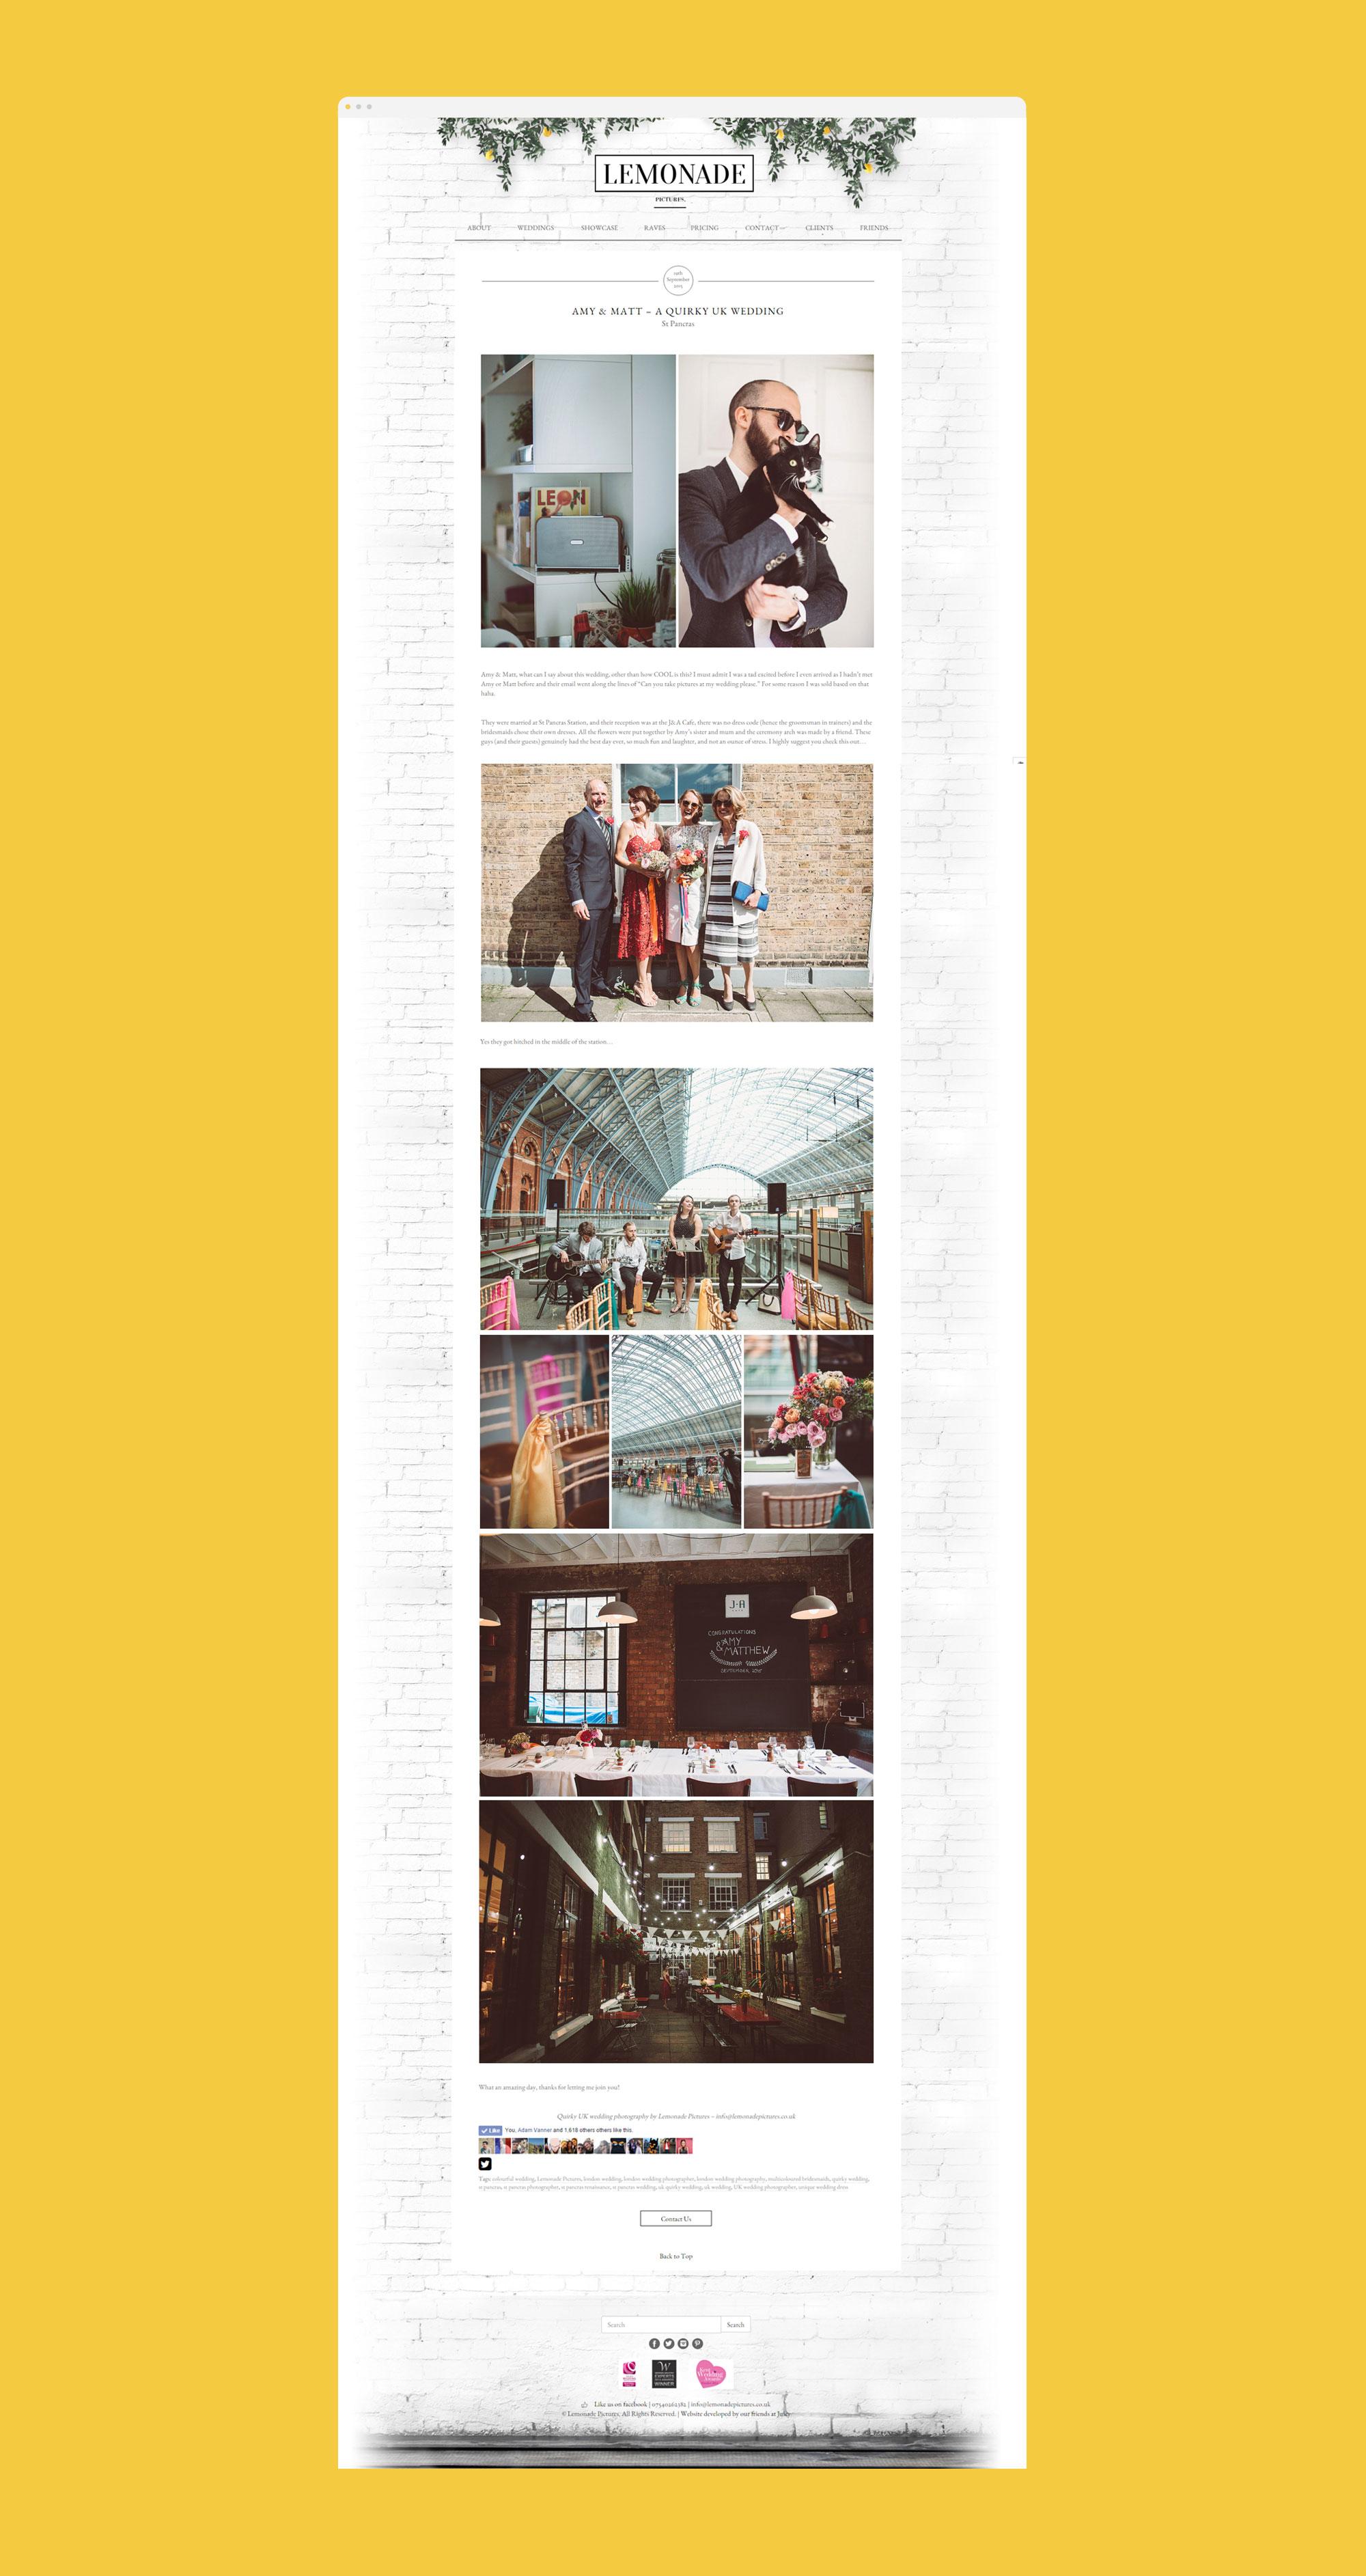 lemonade photos web design